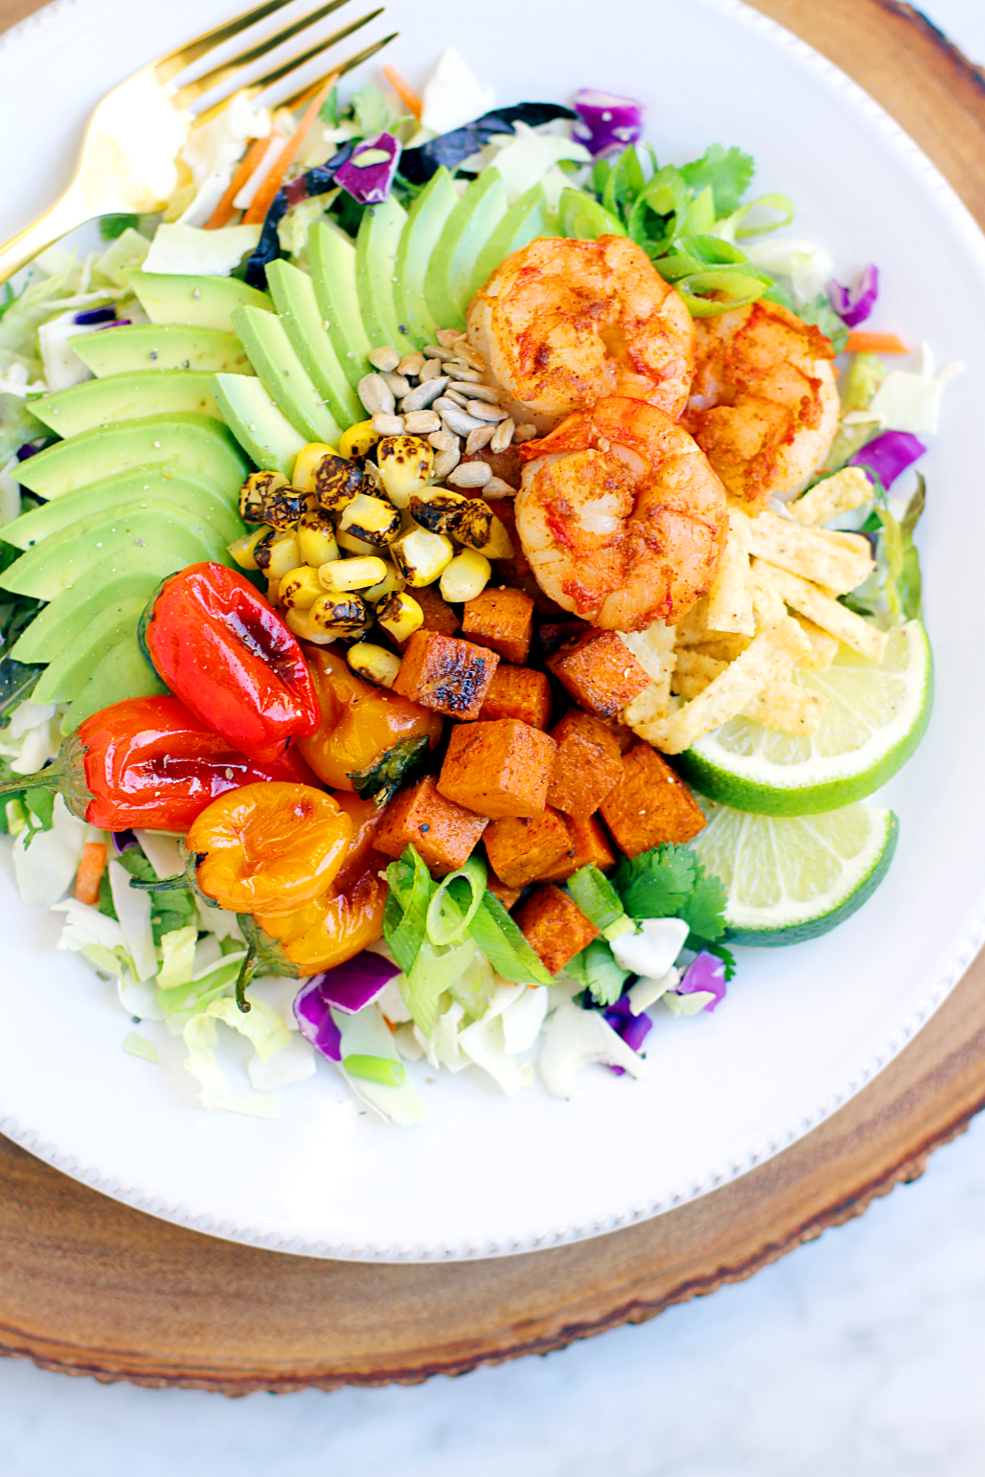 Close-up image of Southwestern shrimp salad.